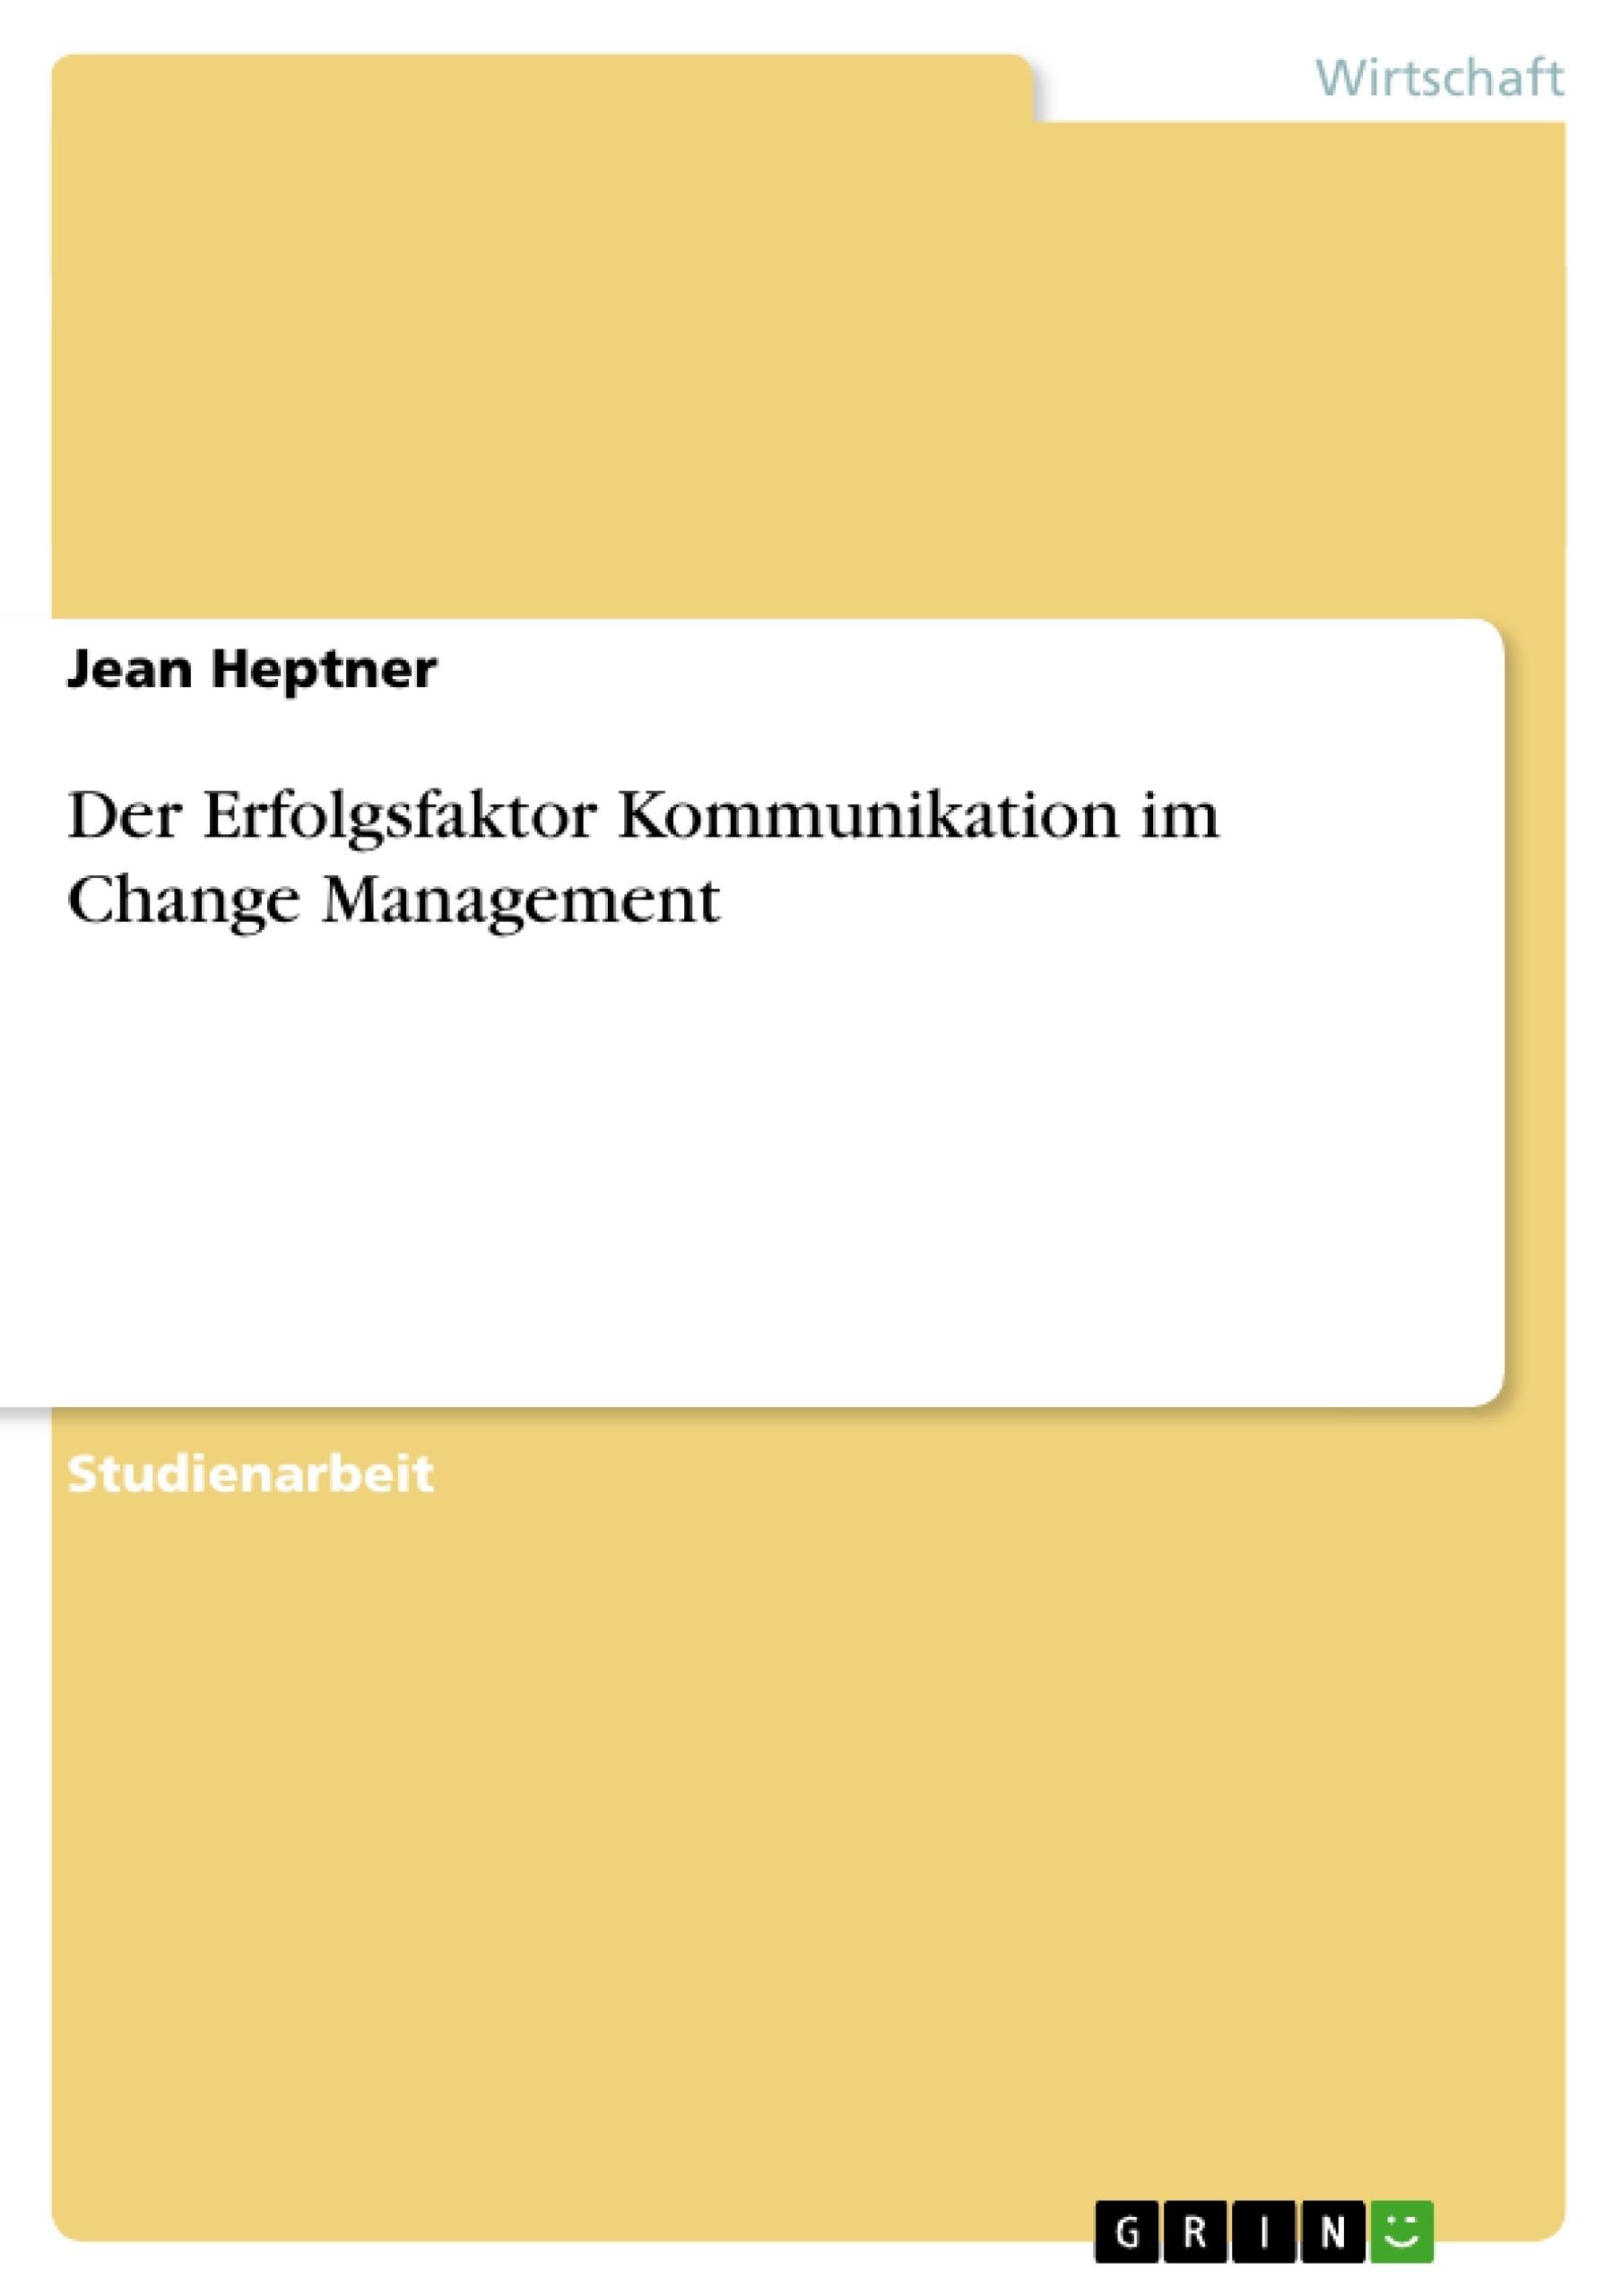 Titel: Der Erfolgsfaktor Kommunikation im Change Management